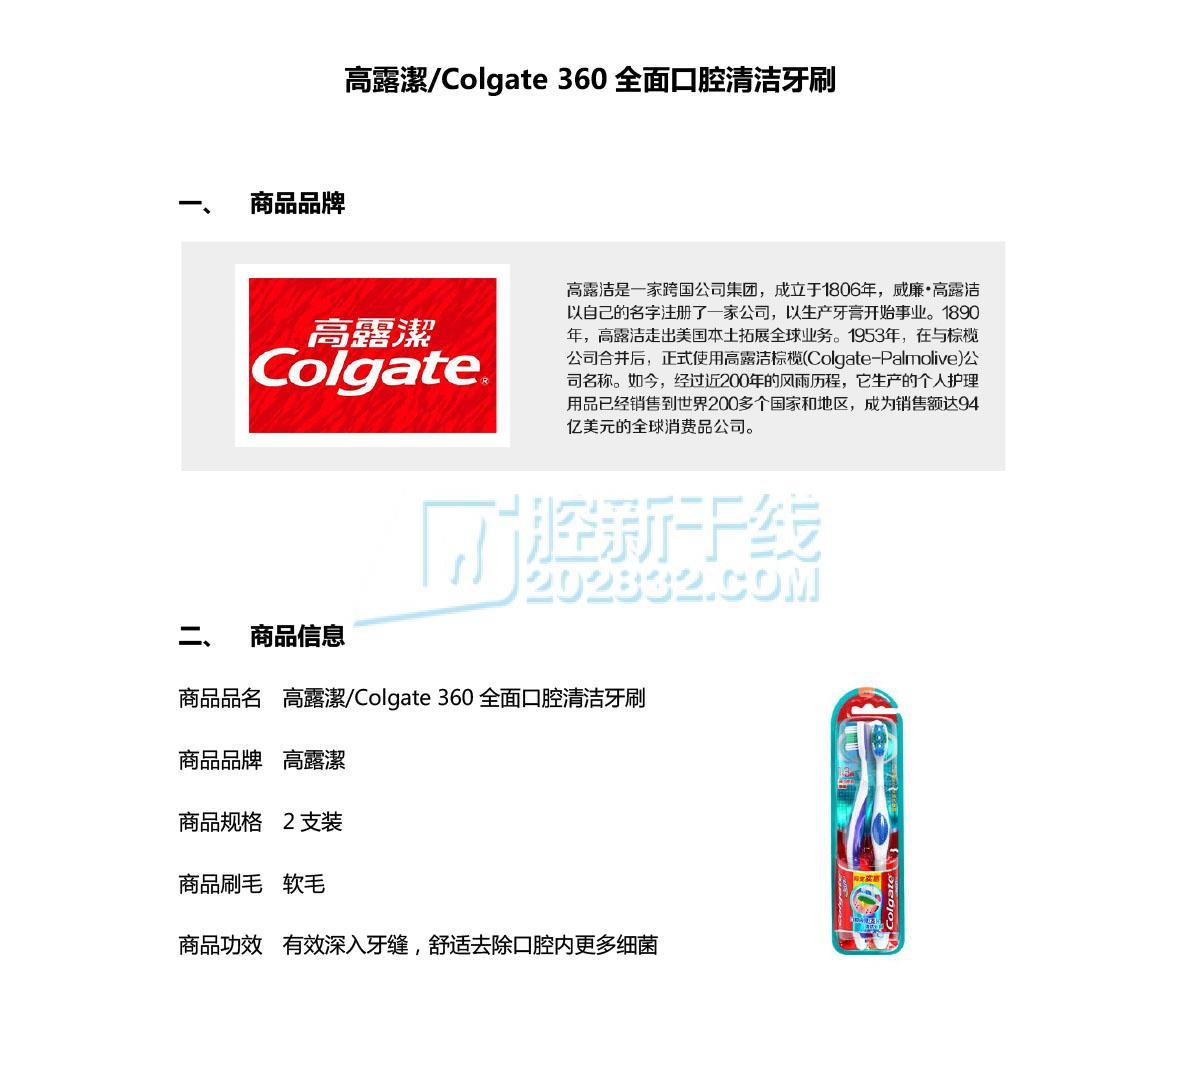 高露潔Colgate 360全面口腔清洁牙刷 两支特惠装-1.jpg